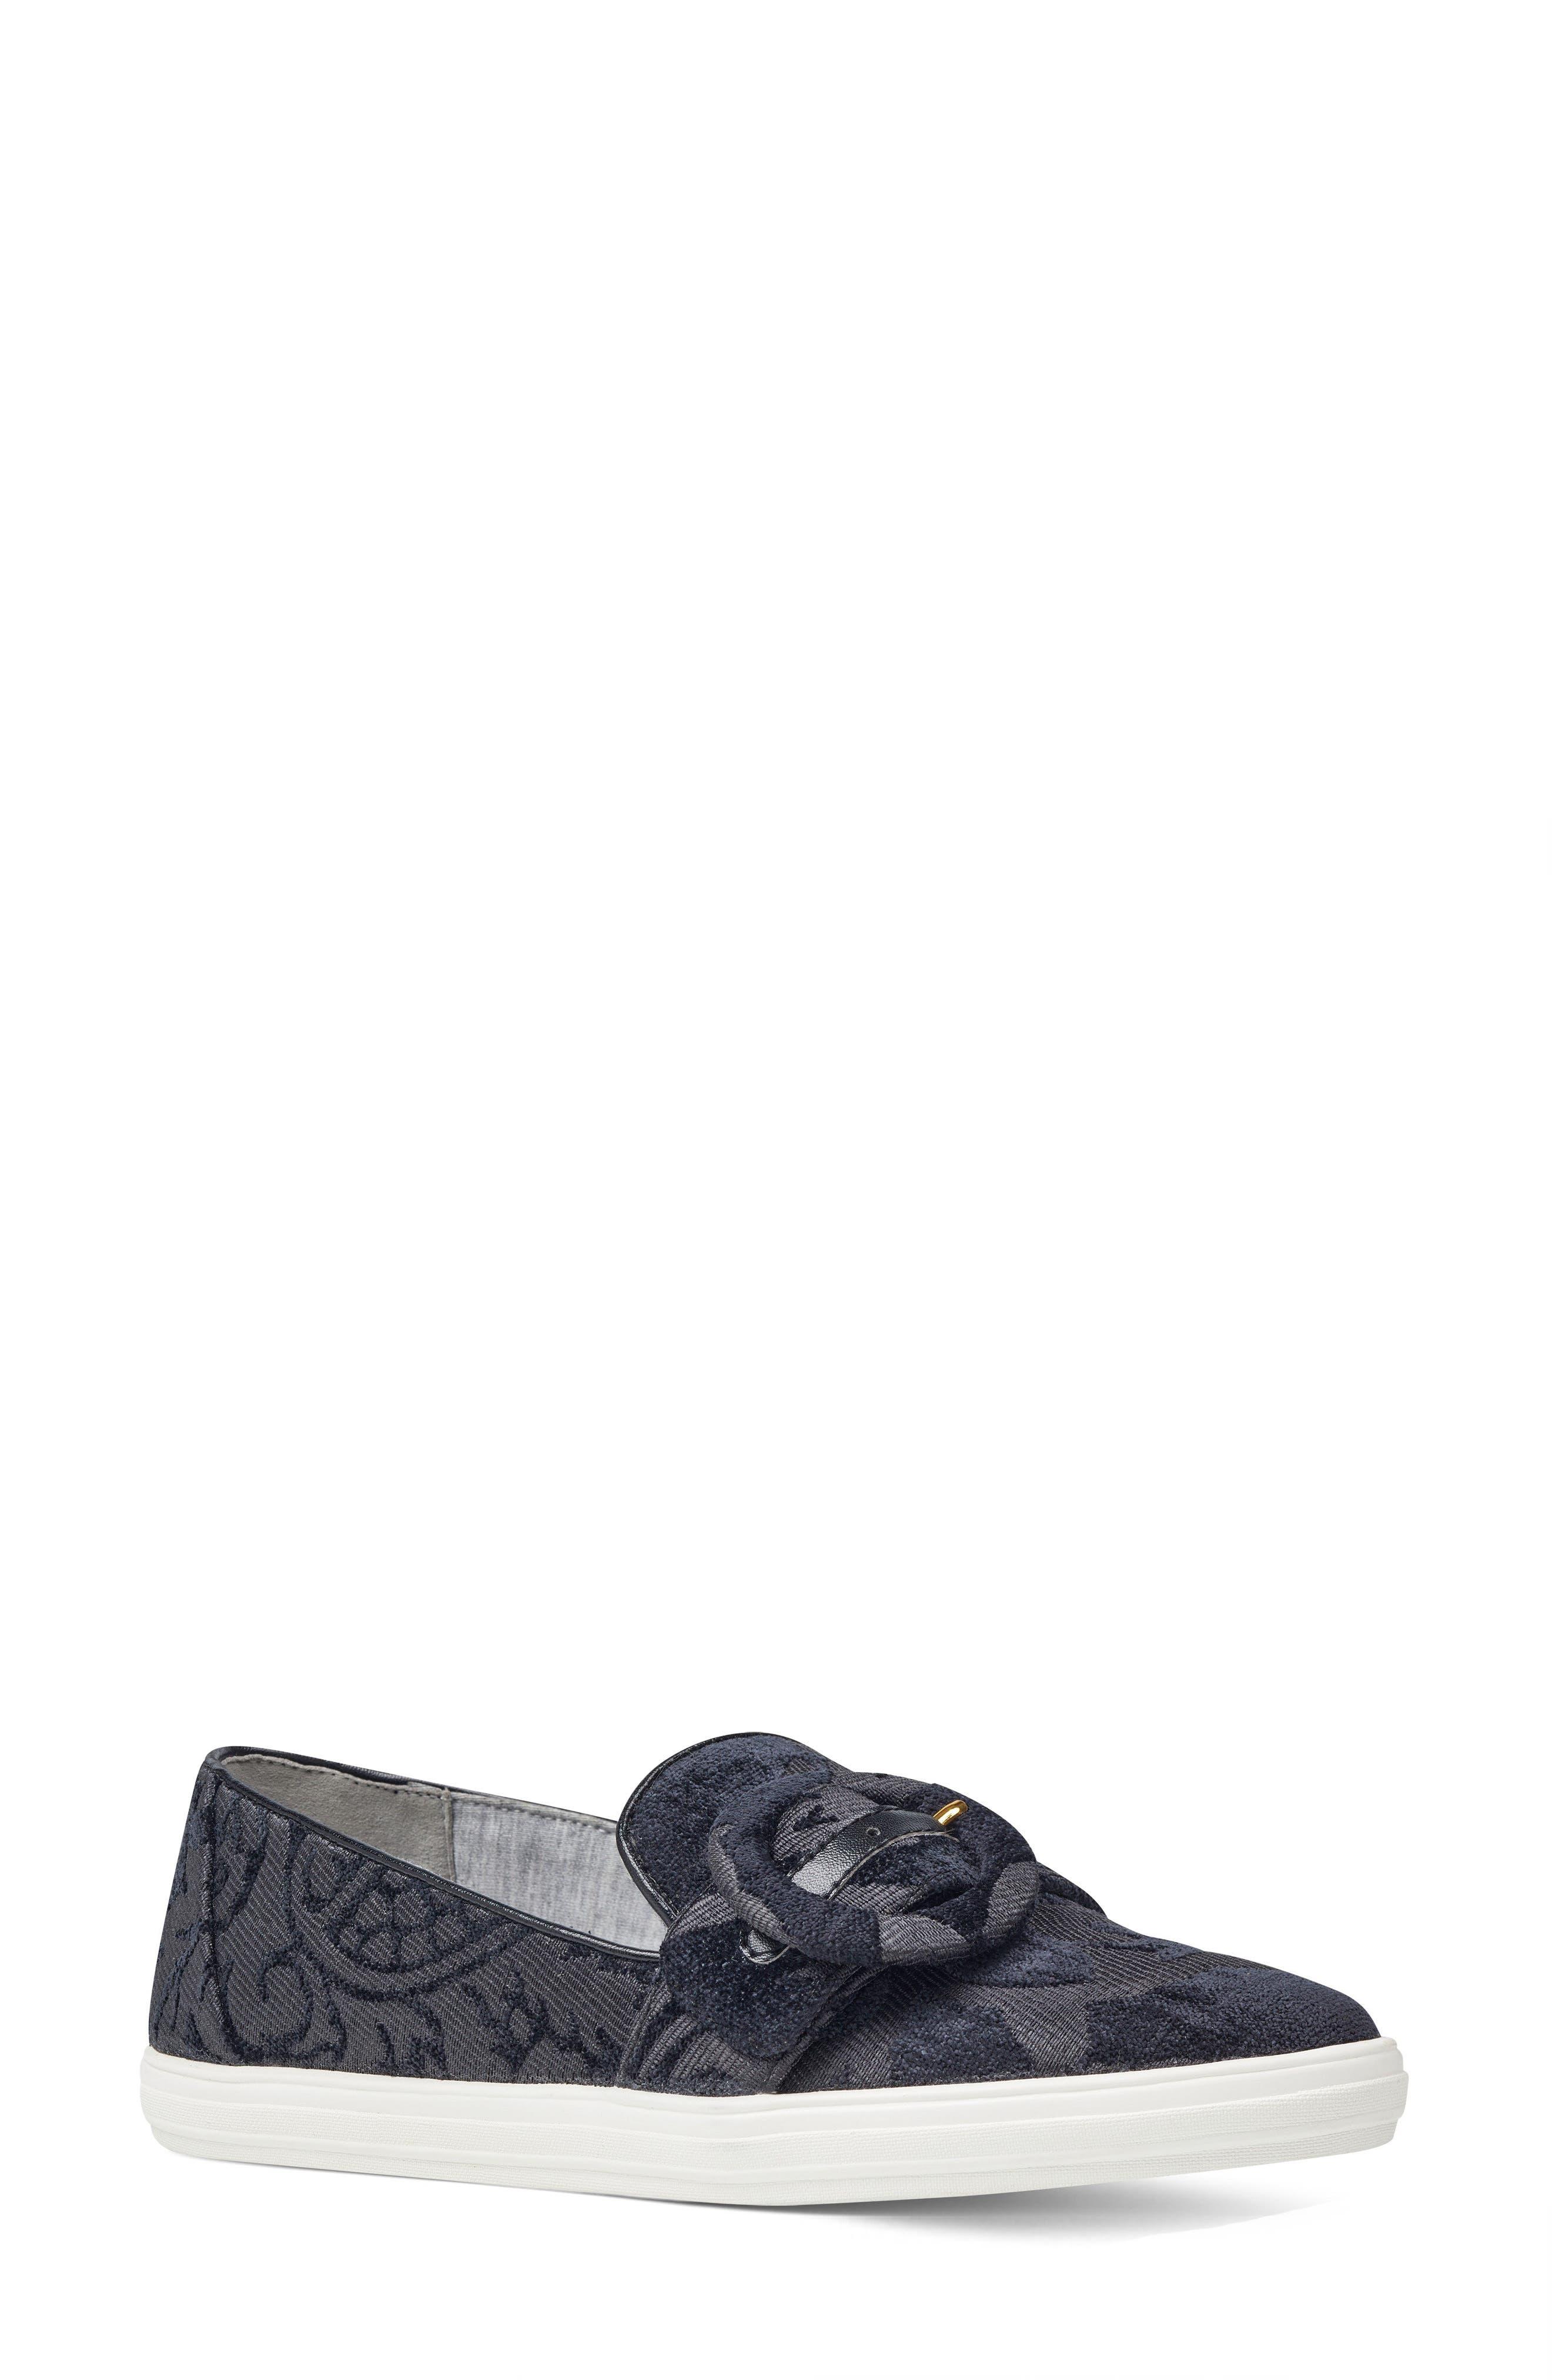 Alternate Image 1 Selected - Nine West Shireene Slip-On Sneaker (Women)